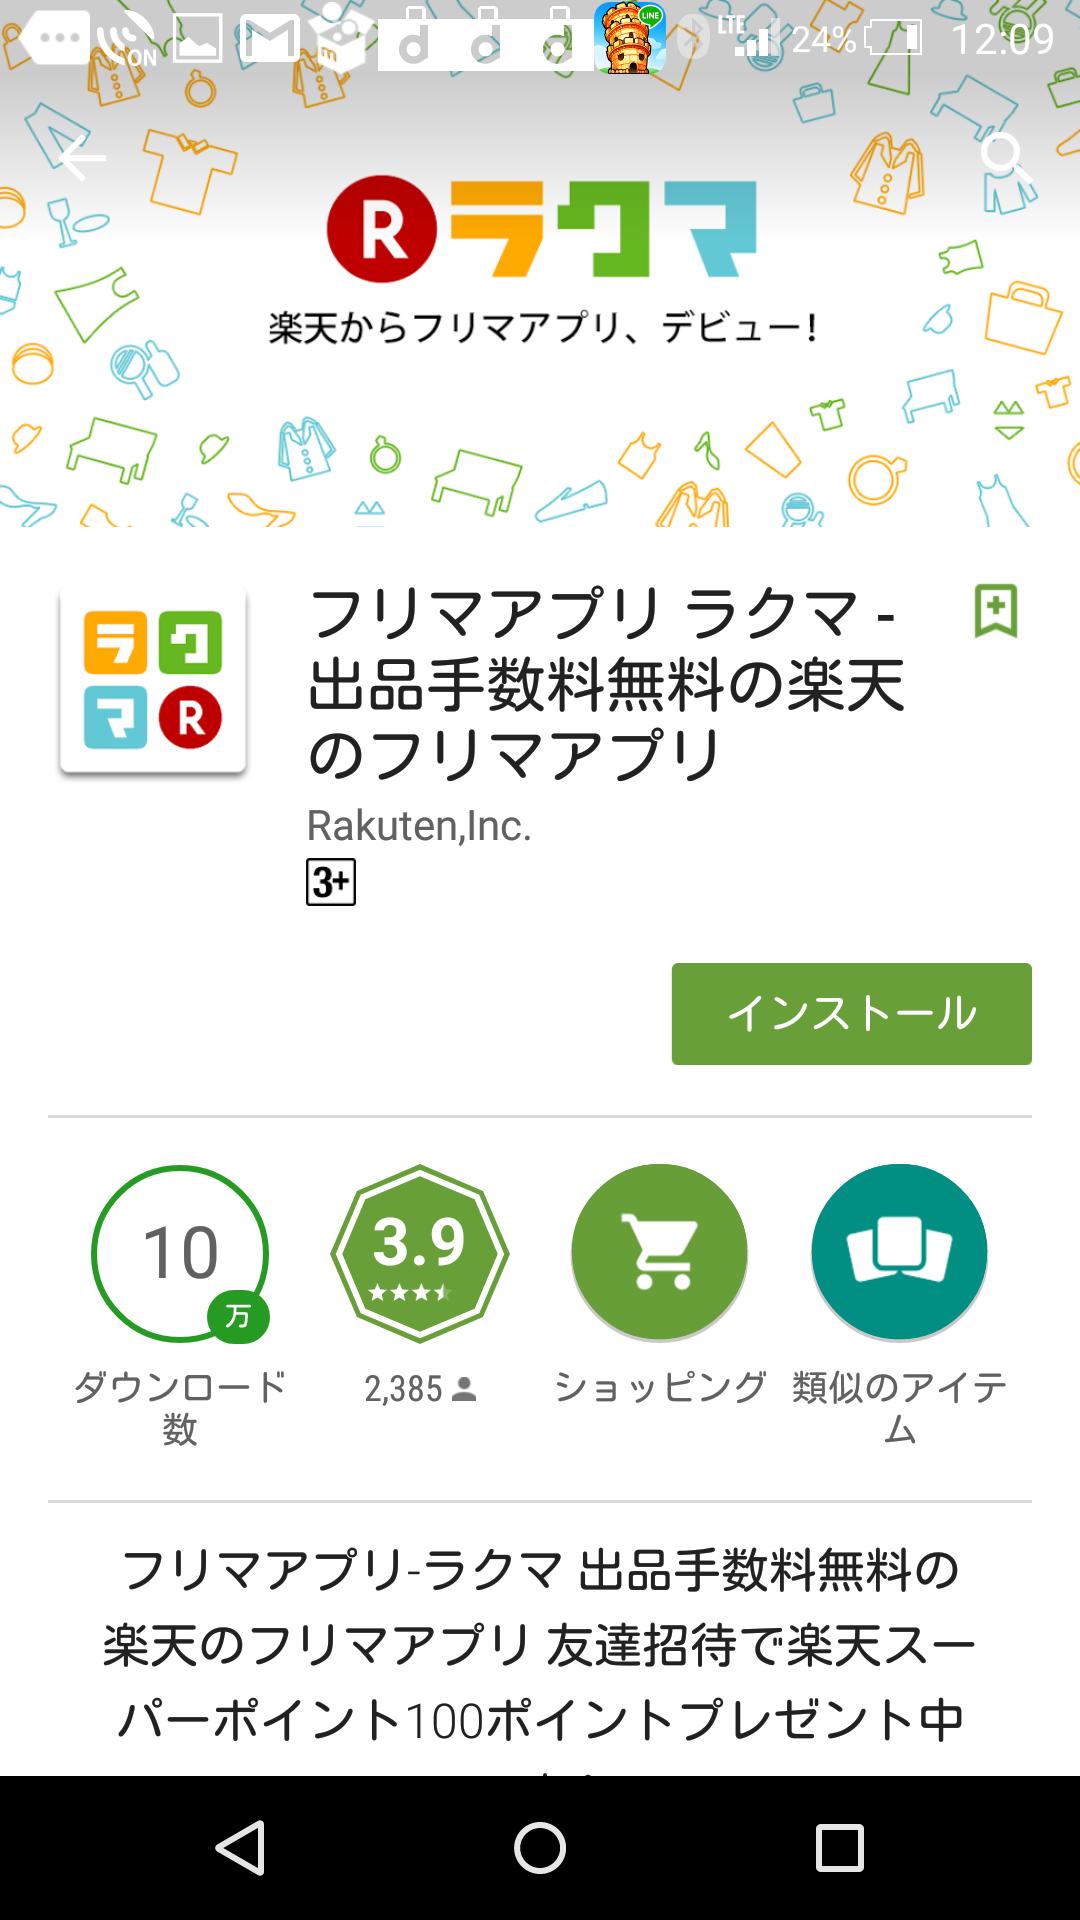 フリマアプリ「ラクマ」の招待コード【7FRlRsbm】入力方法